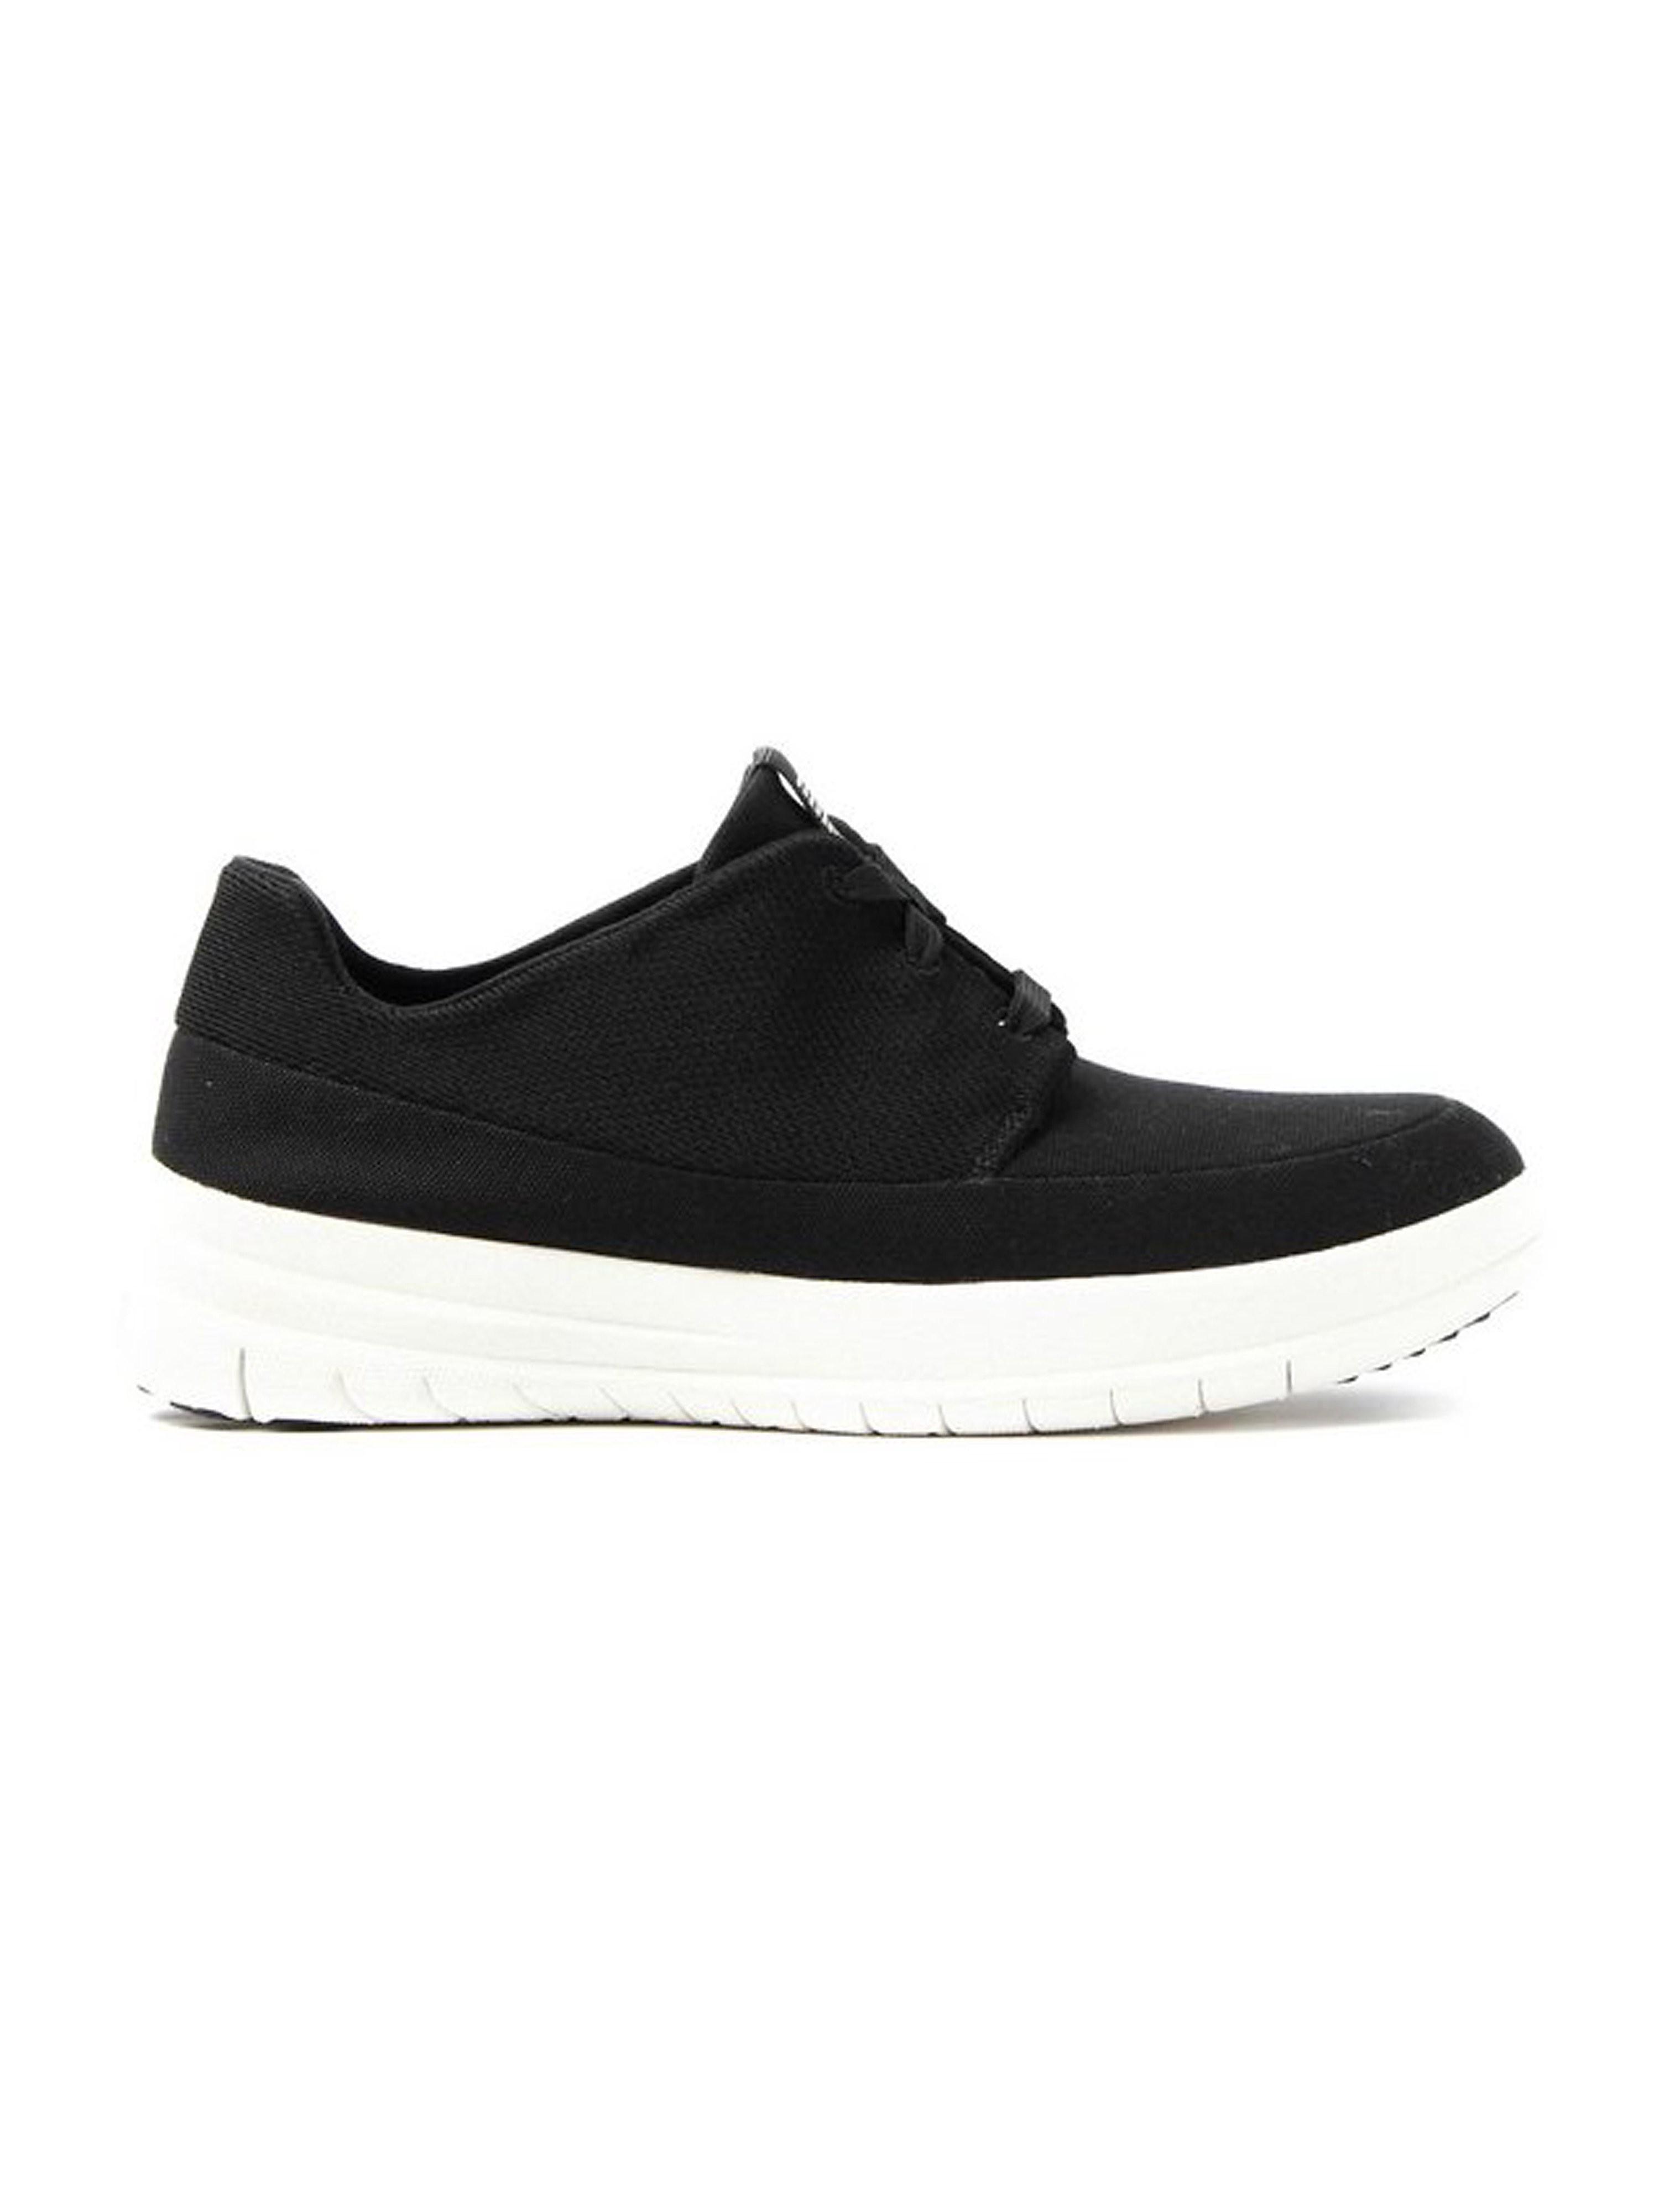 FitFlop Women's Sporty-Pop Softy Sneakers - Black